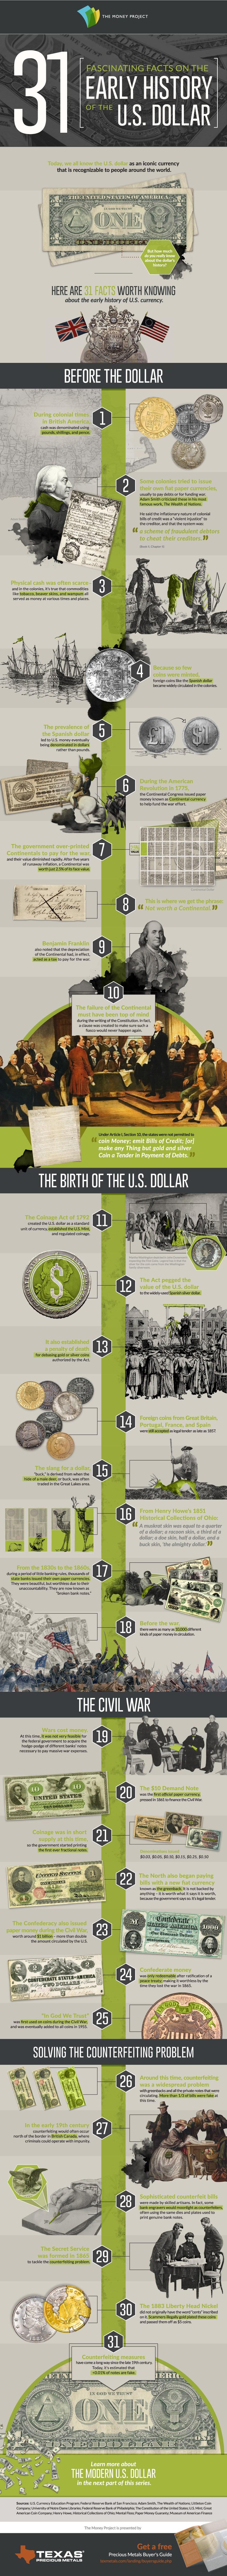 histoire du dollar